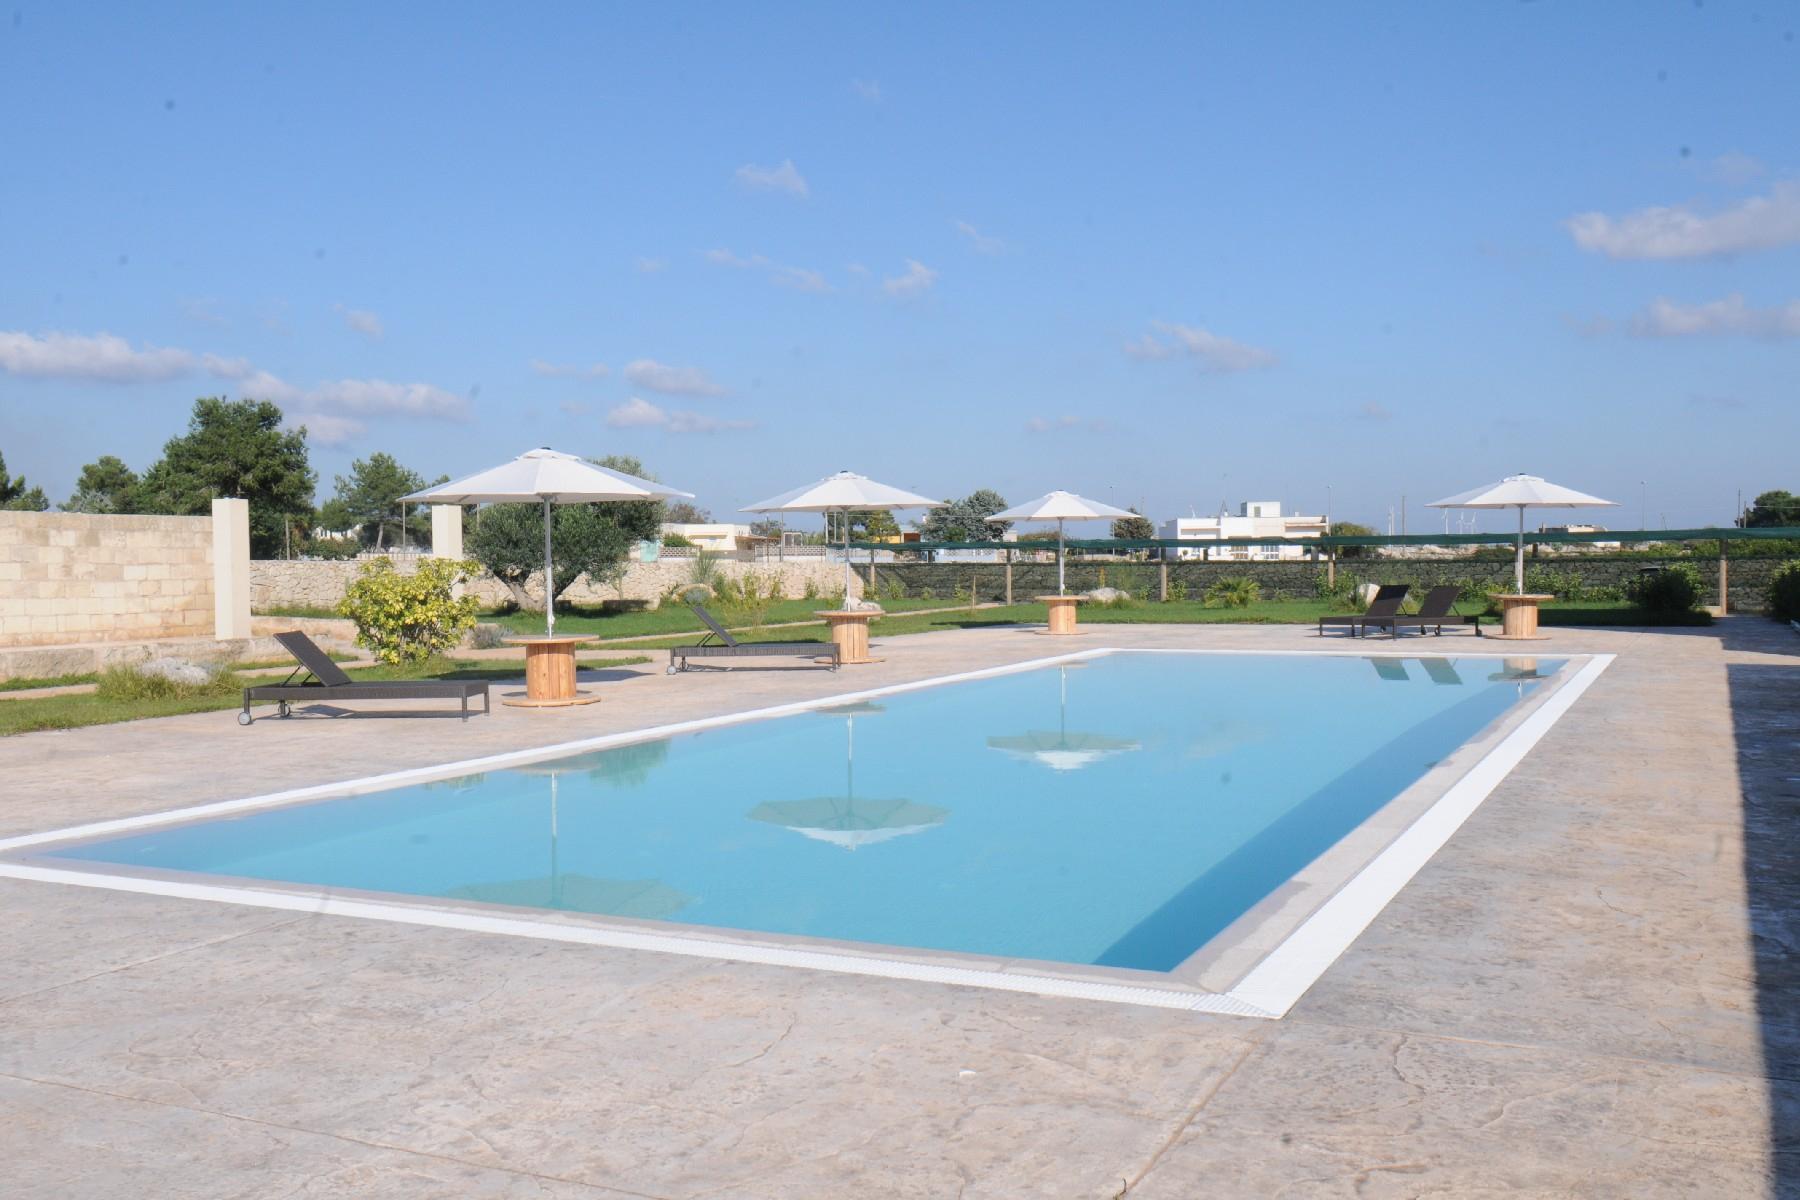 Villa in Vendita a Martano: 5 locali, 850 mq - Foto 6